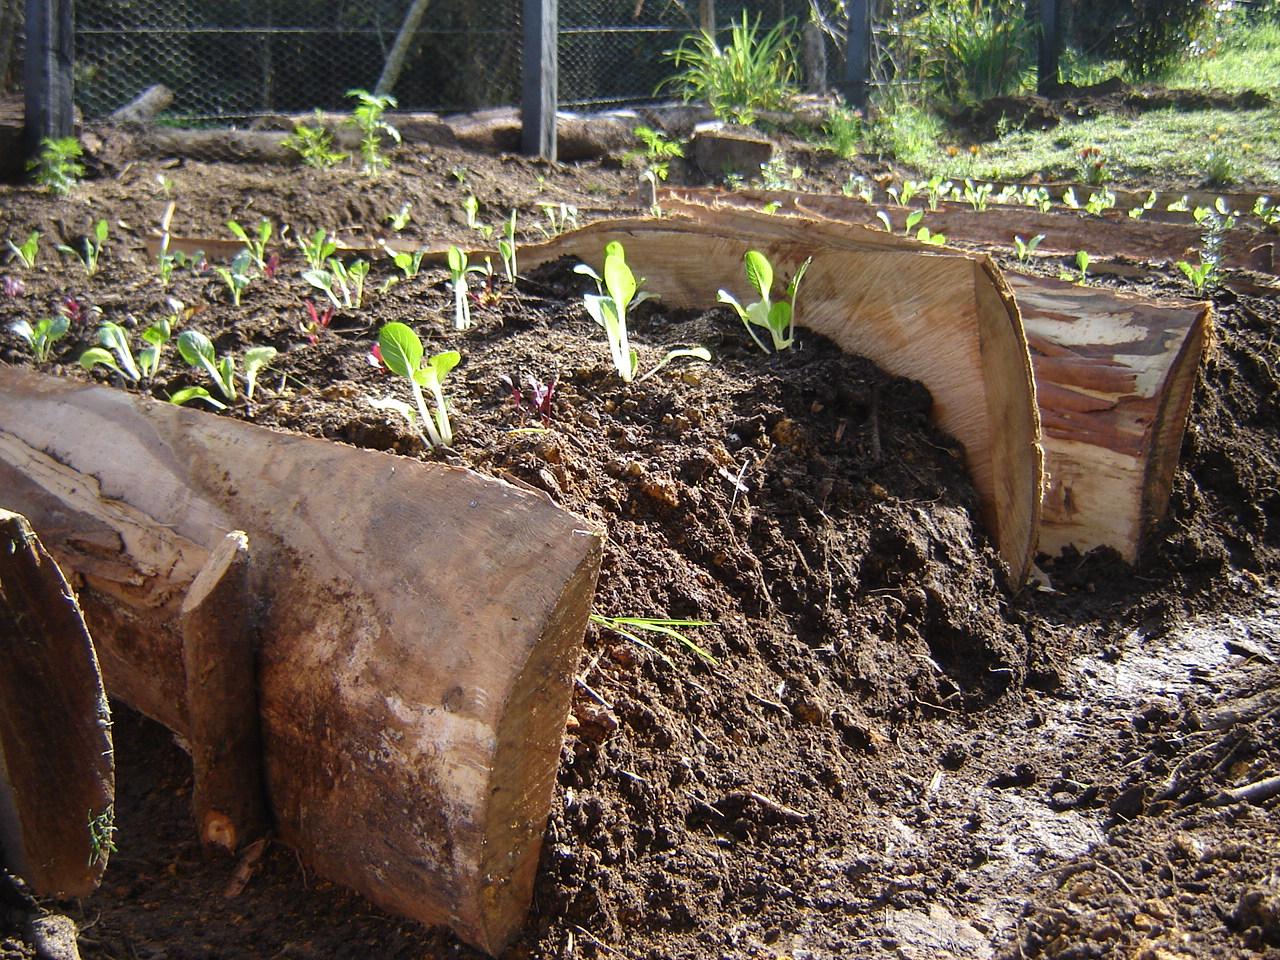 Menos cosas m s felicidad la huerta org nica la casita for Plantas para huerta organica